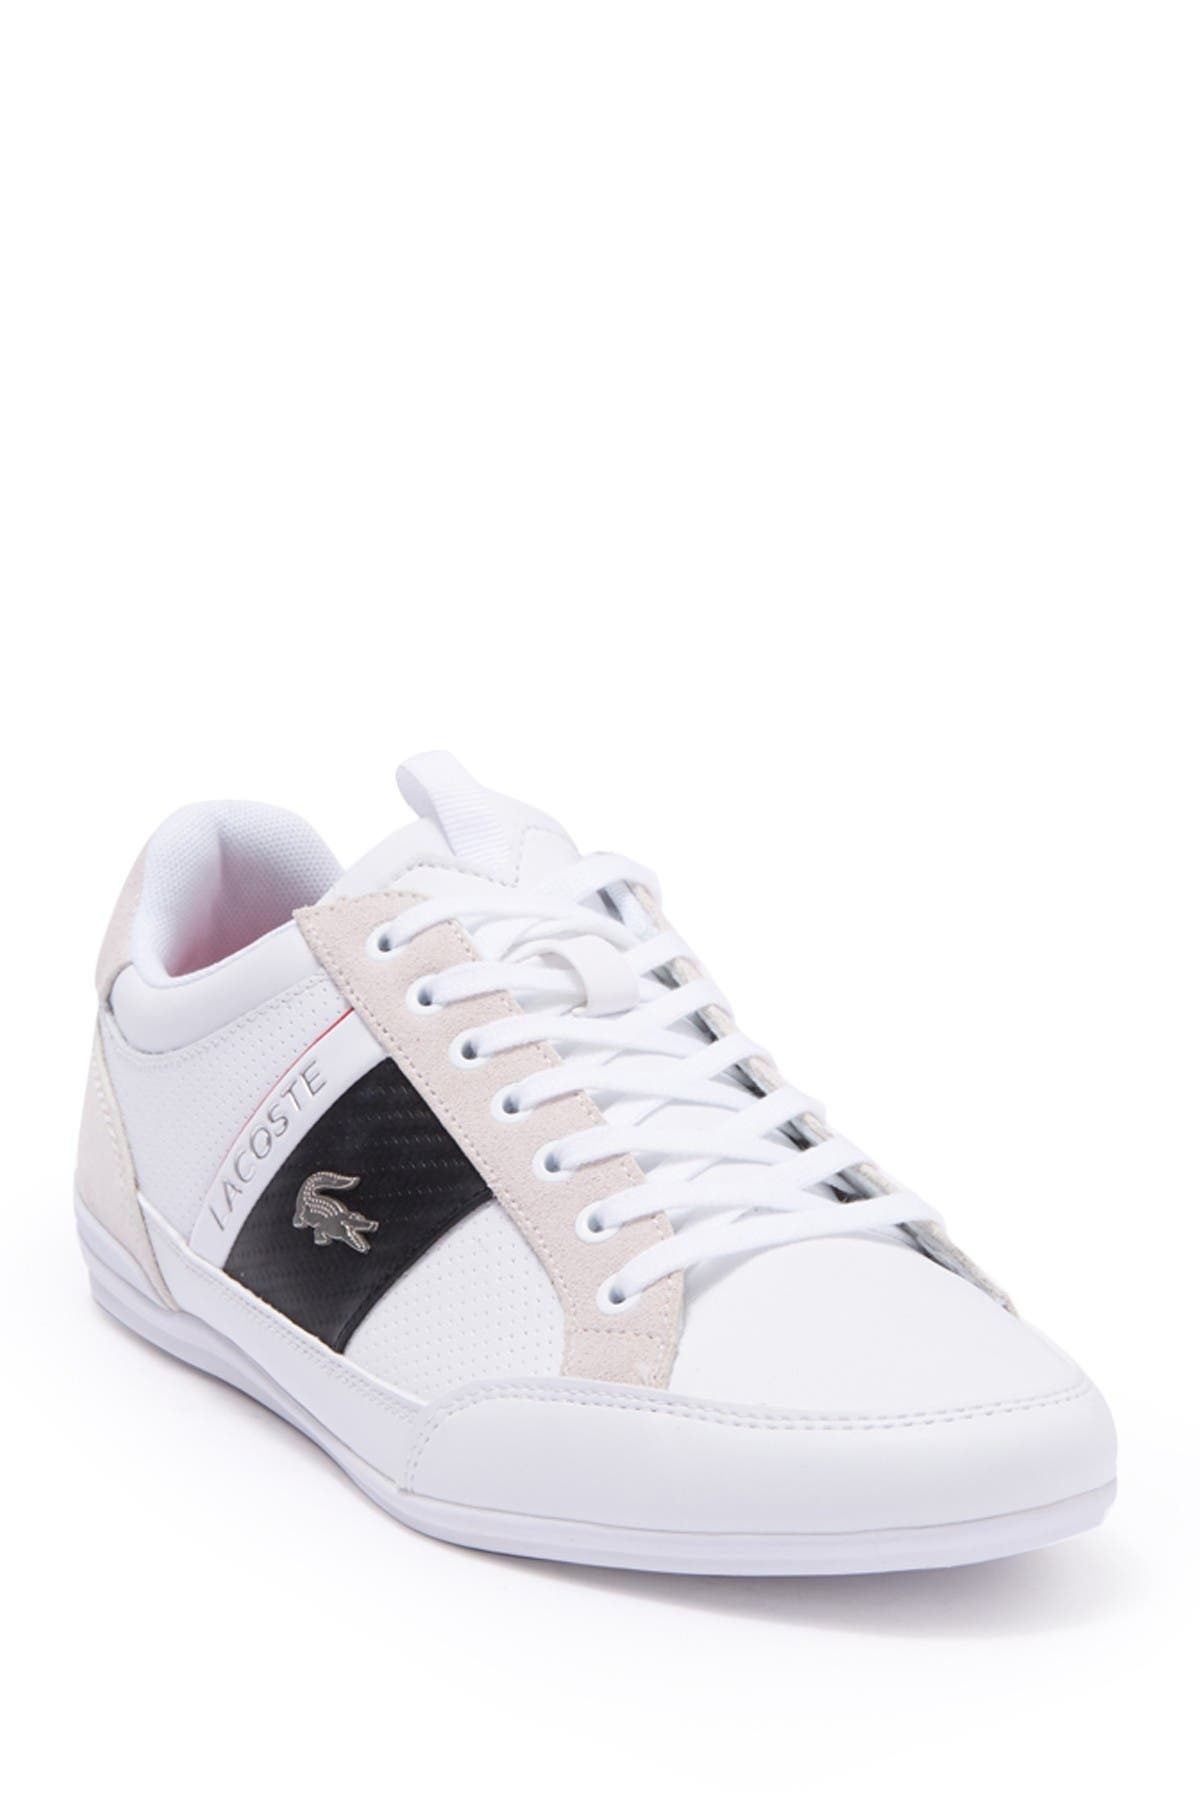 Image of Lacoste Chaymon 120 Sneaker